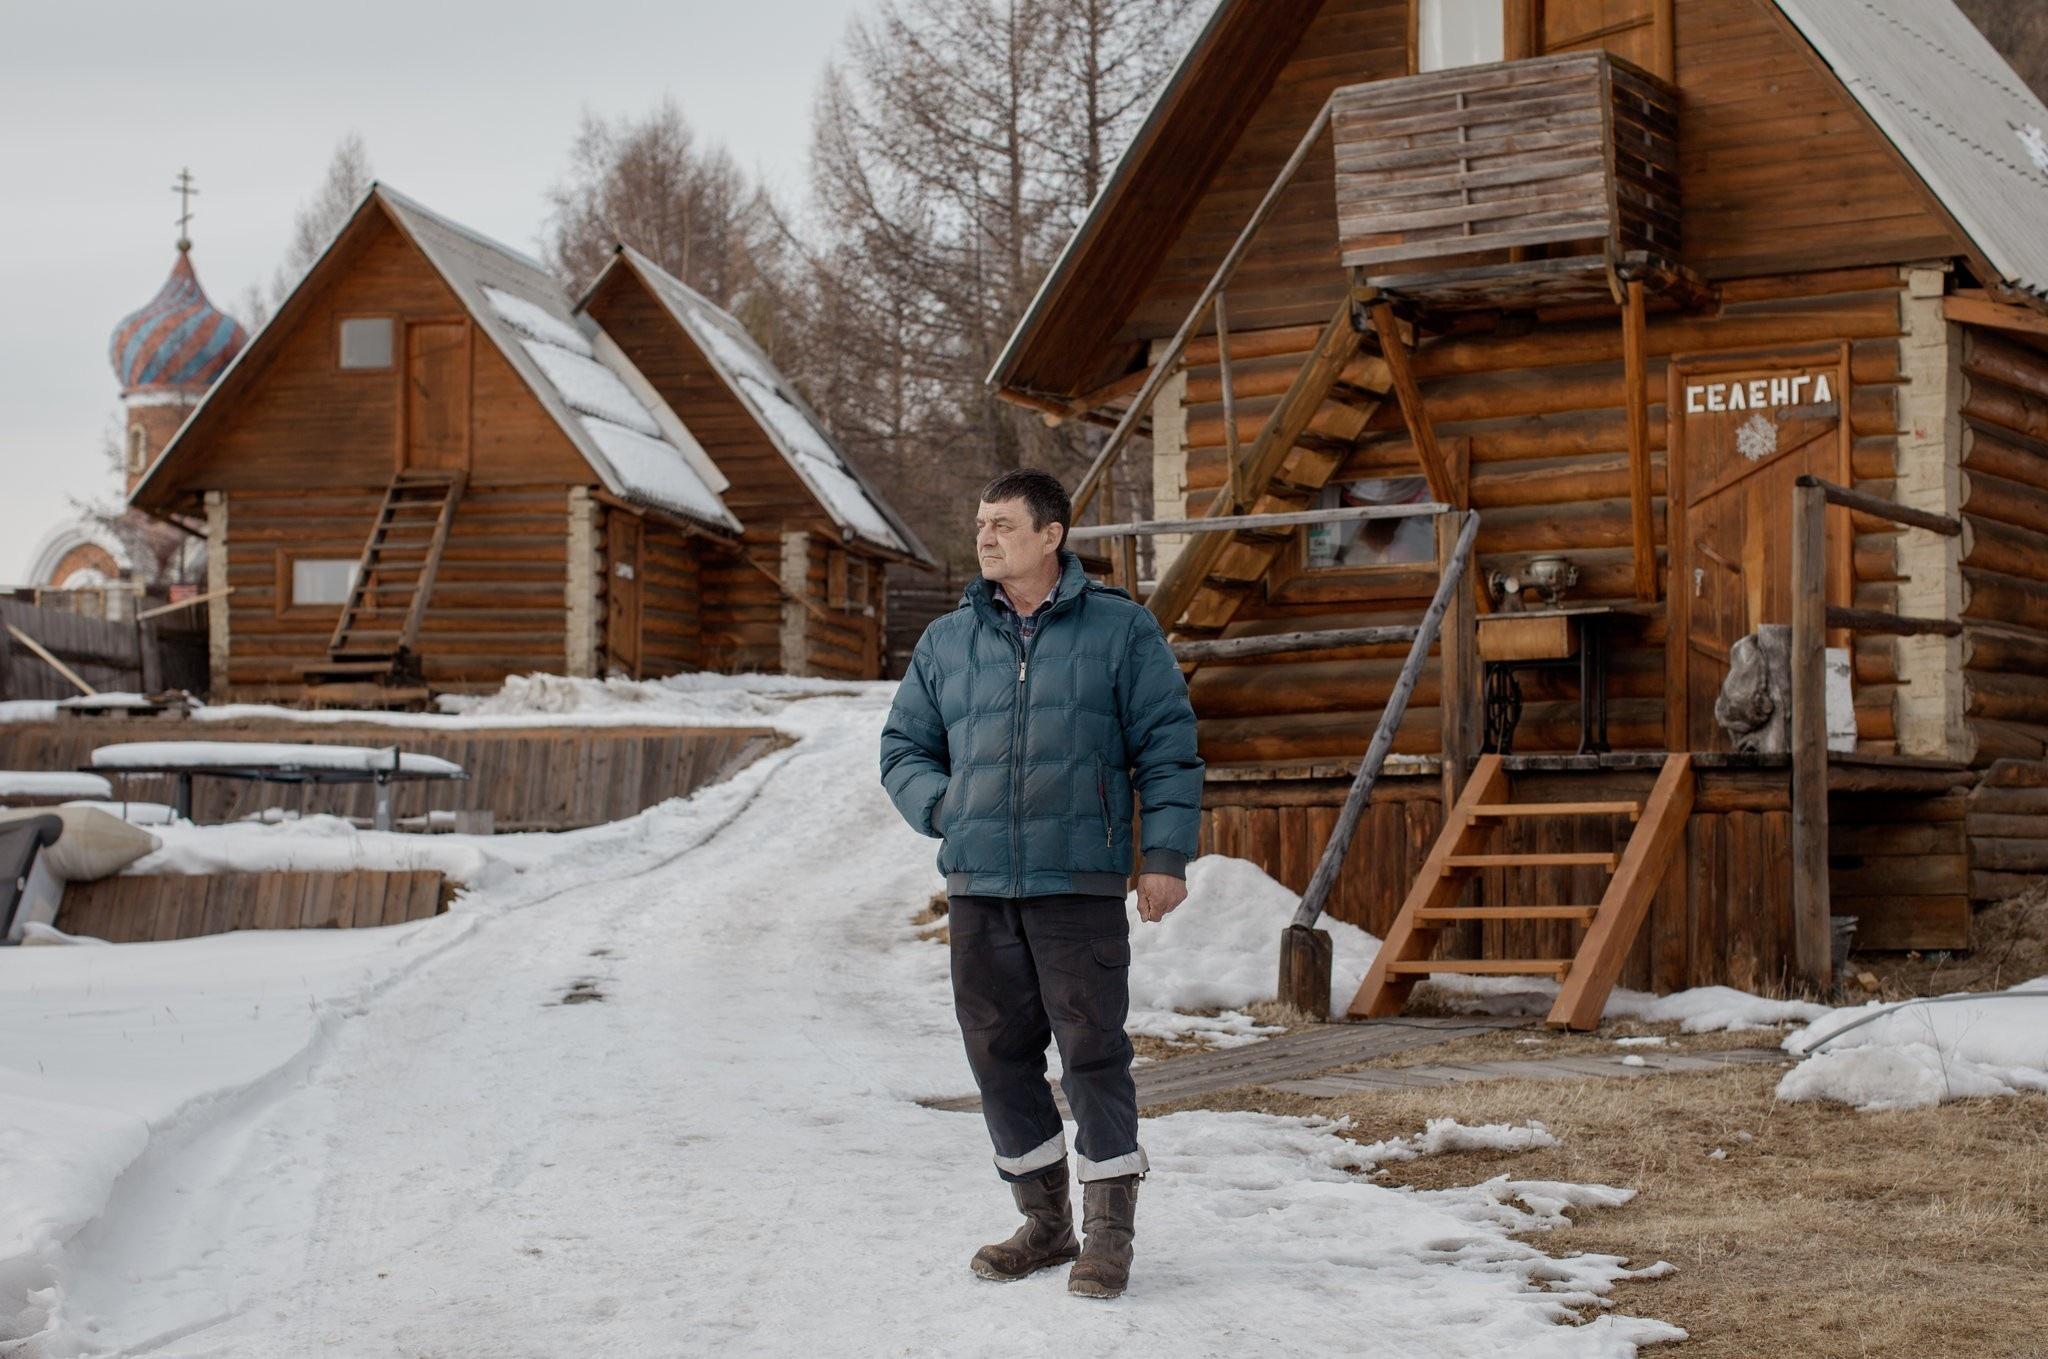 """Nỗi lo của người Nga khi du khách Trung Quốc đổ bộ """"hòn ngọc"""" Baikal - 1"""